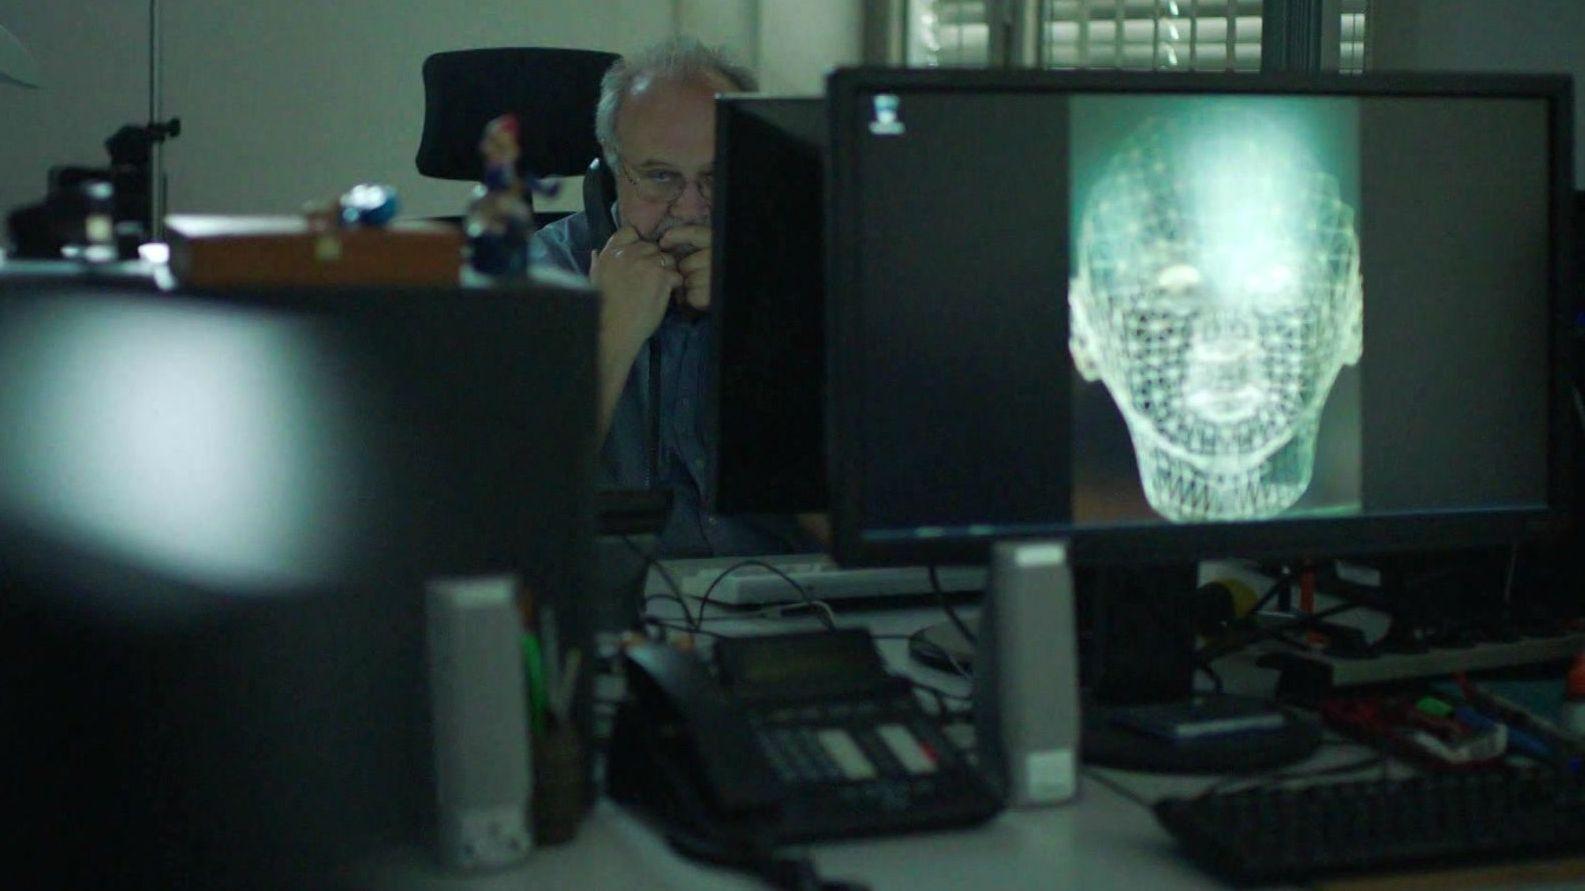 Cybercrime-Ermittler in Büro